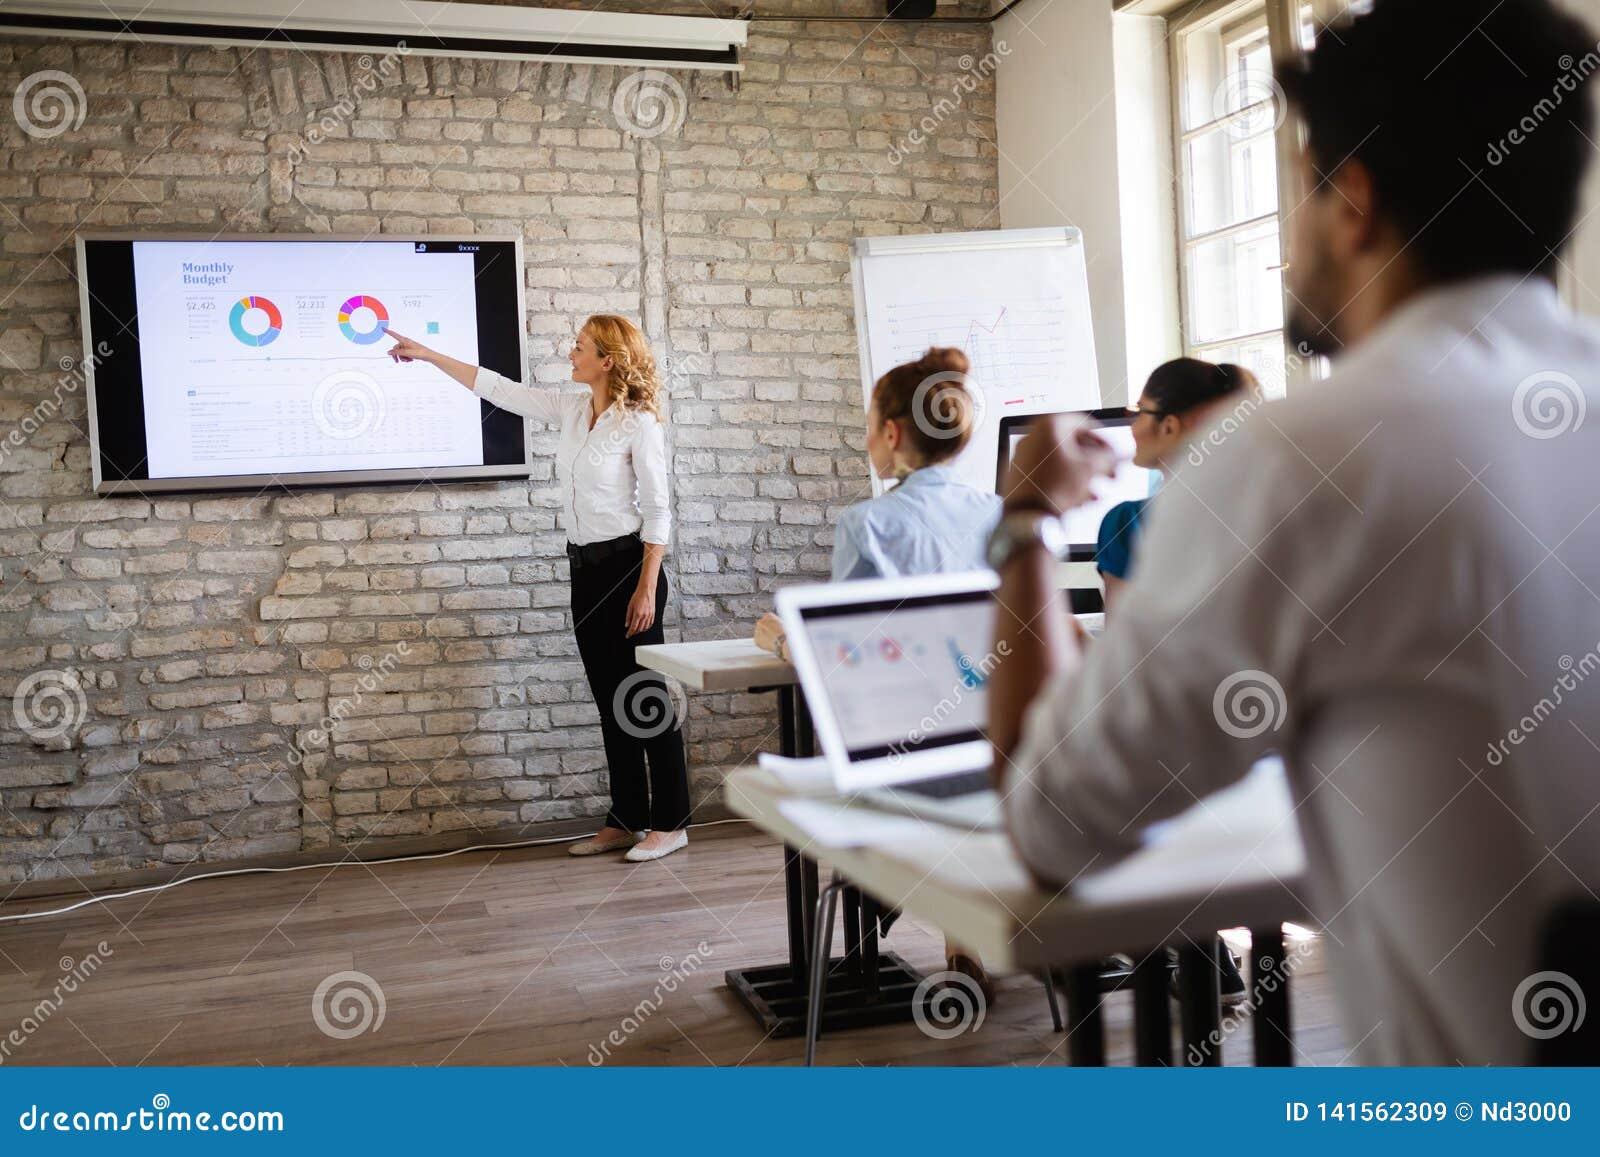 Επιτυχείς ευτυχείς τεχνολογία λογισμικού εκμάθησης ομάδων ανθρώπων και επιχείρηση κατά τη διάρκεια της παρουσίασης